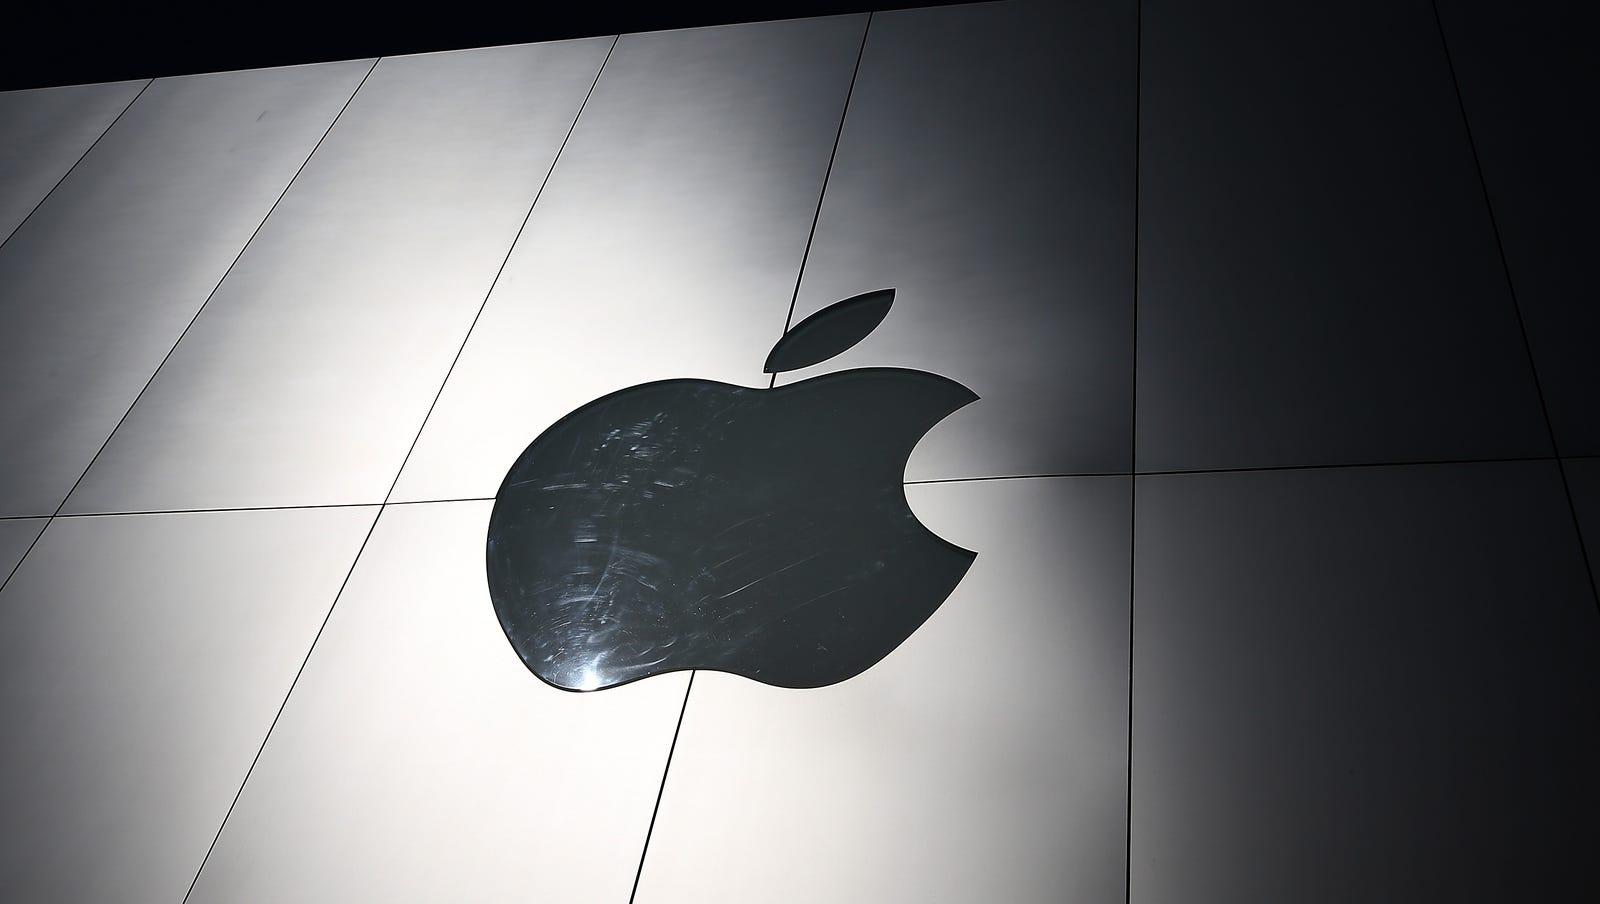 Armed robber strikes Apple store at Scottsdale Quarter